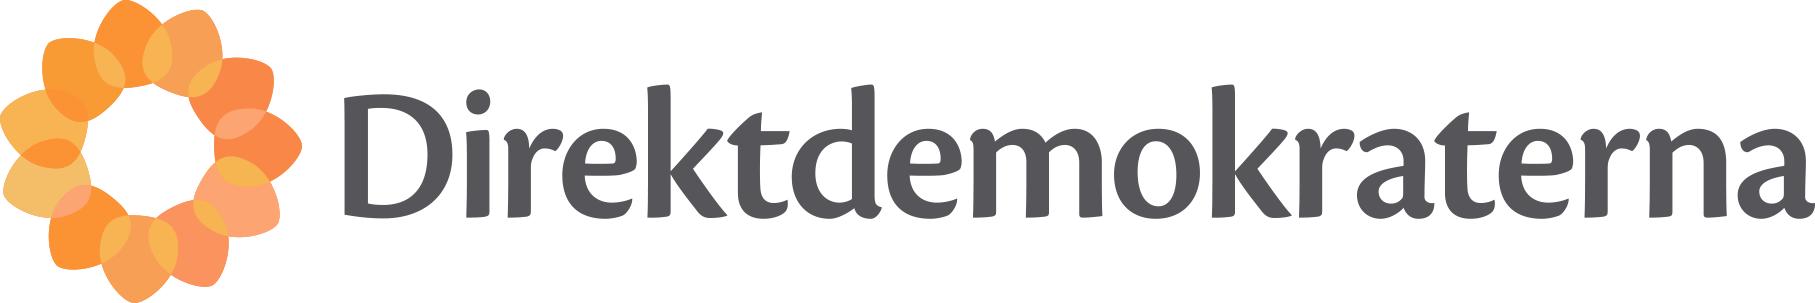 direktdemokraterna-logotyp